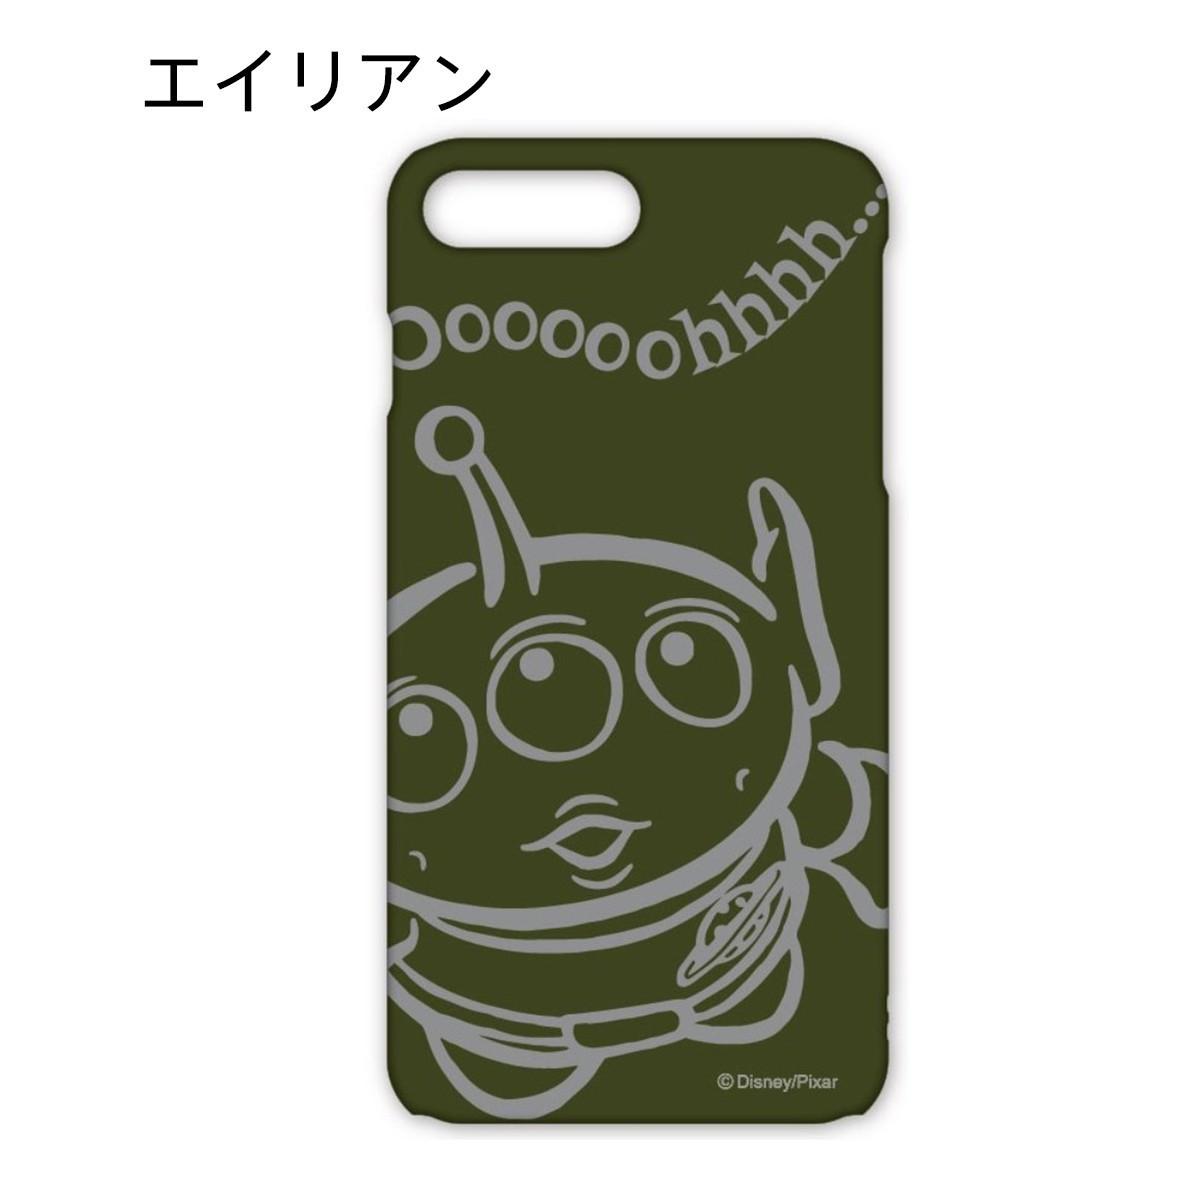 グルマンディーズ iPhone 7 Plus用 ディズニーキャラクター ハードケース ドナルドダック DN-389Aの商品画像|4